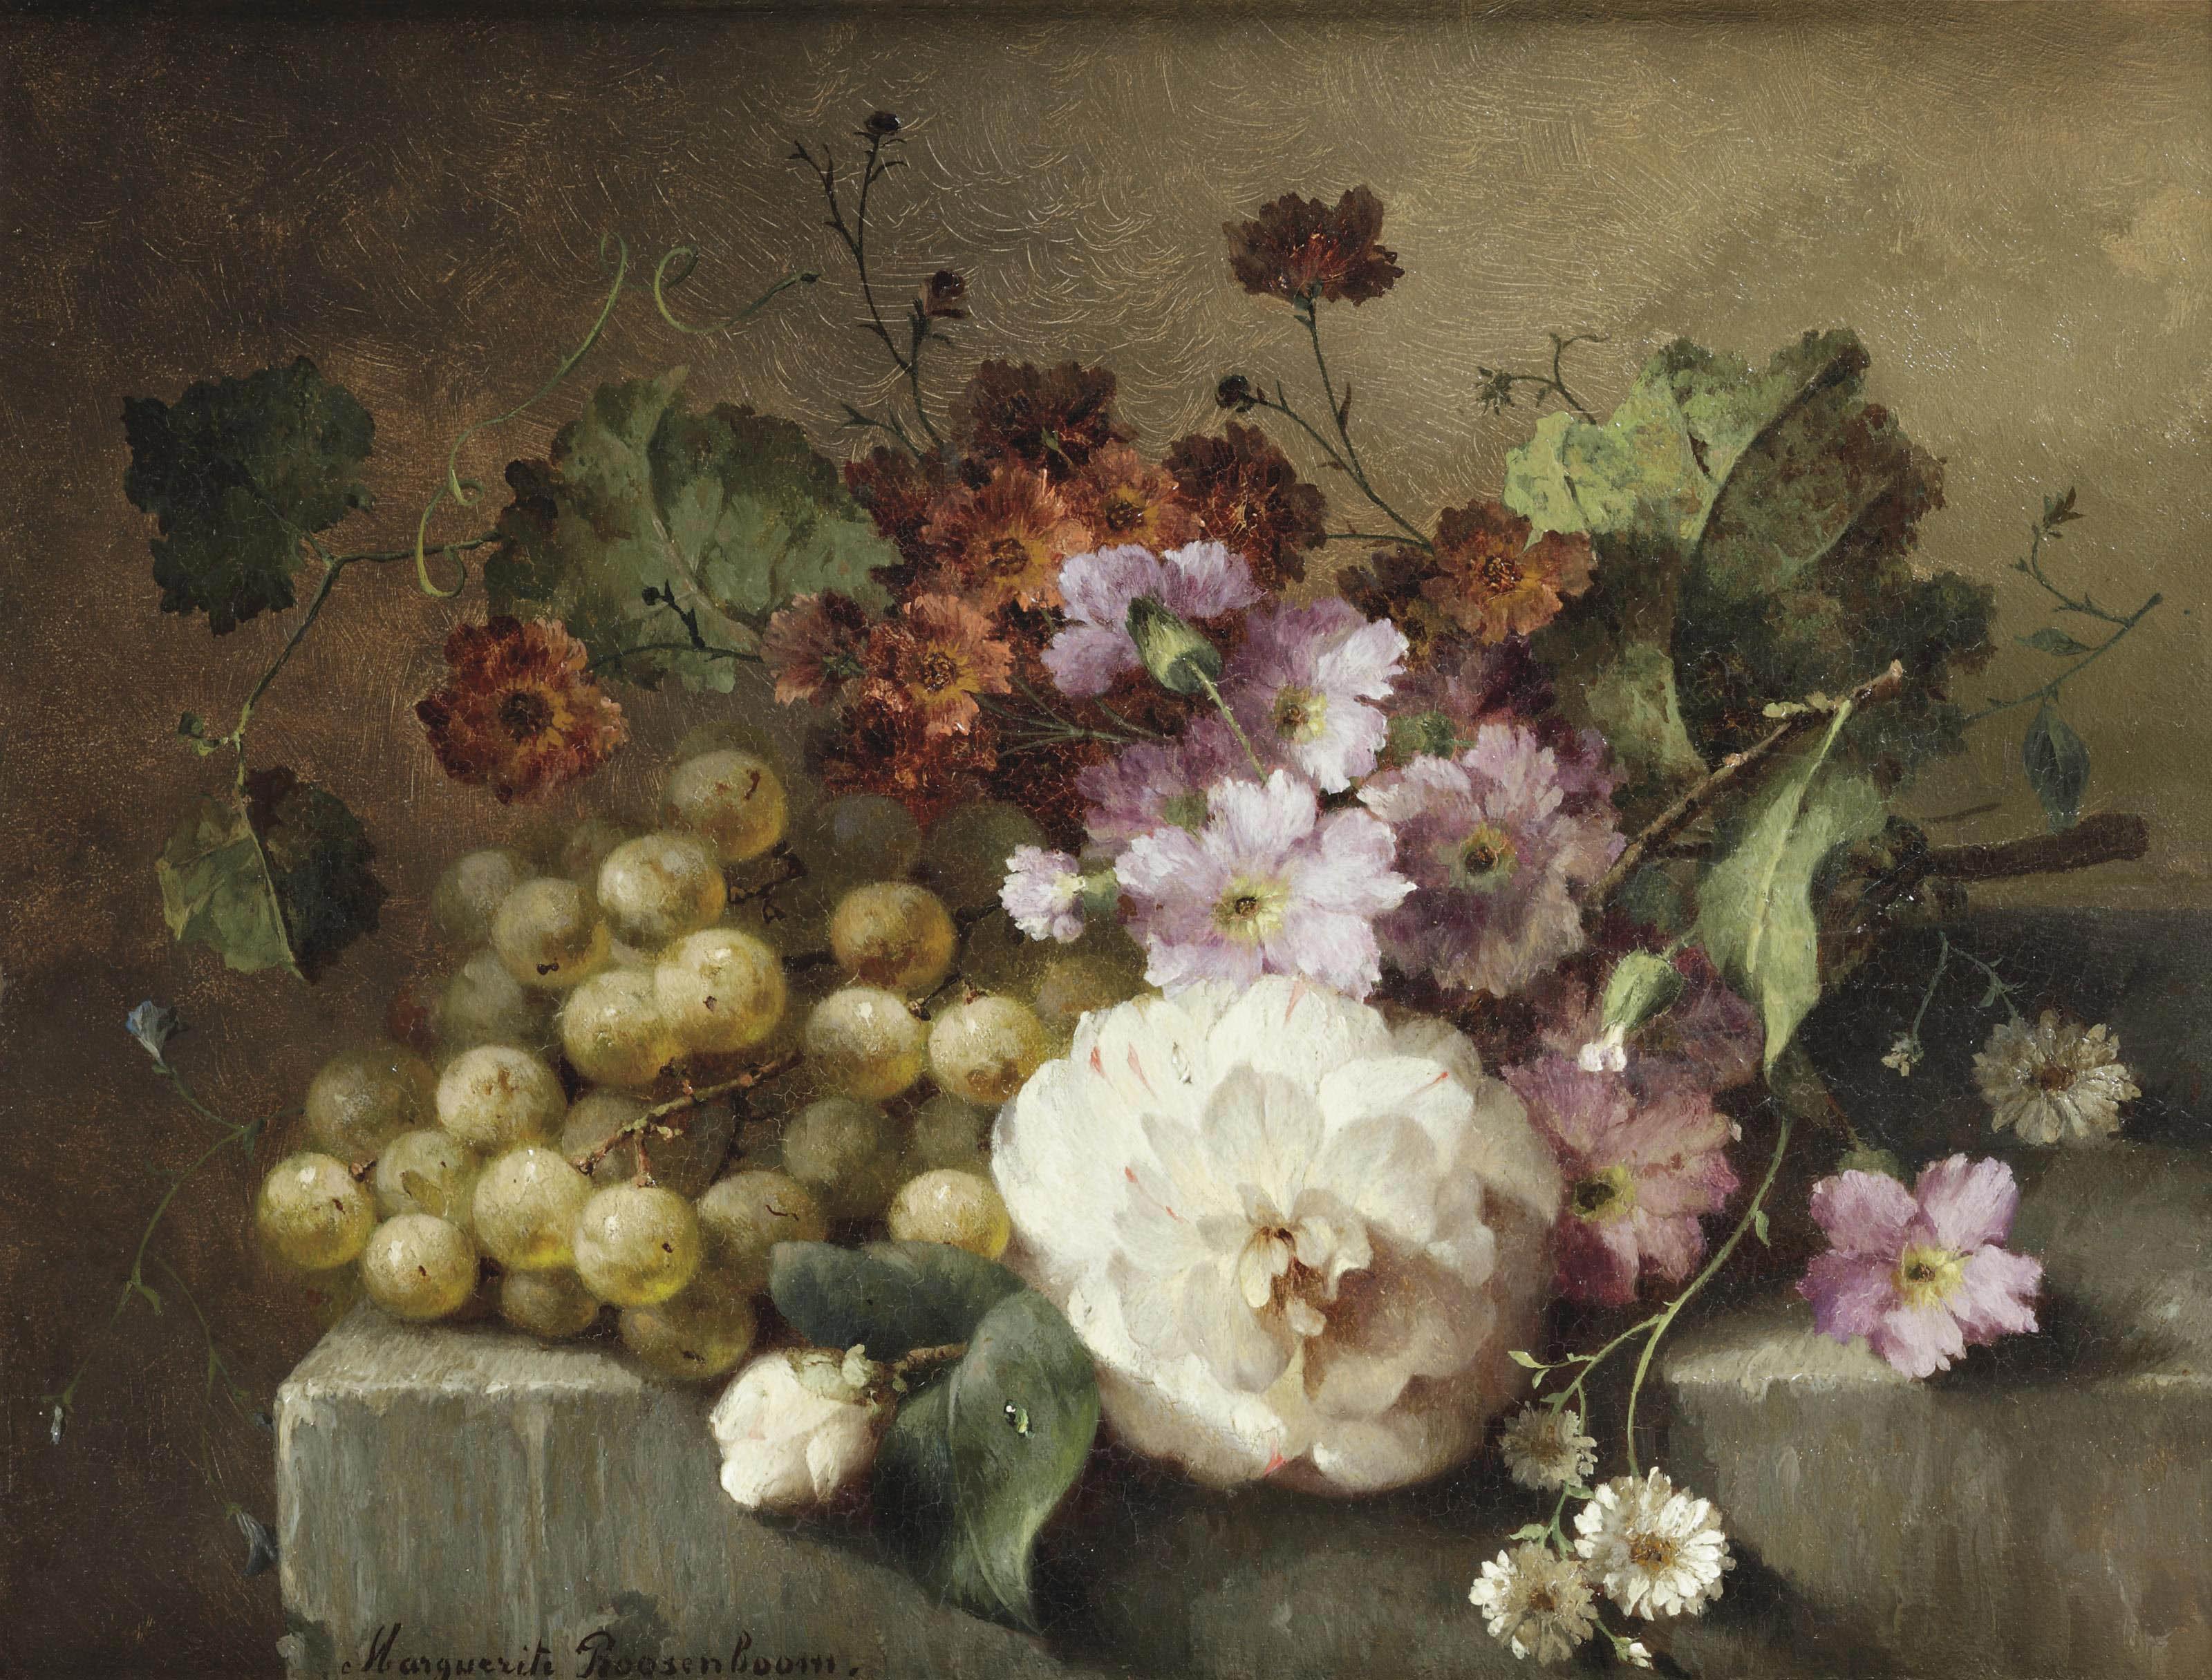 Margaretha Roosenboom (The Hague 1843-1896 Voorburg)